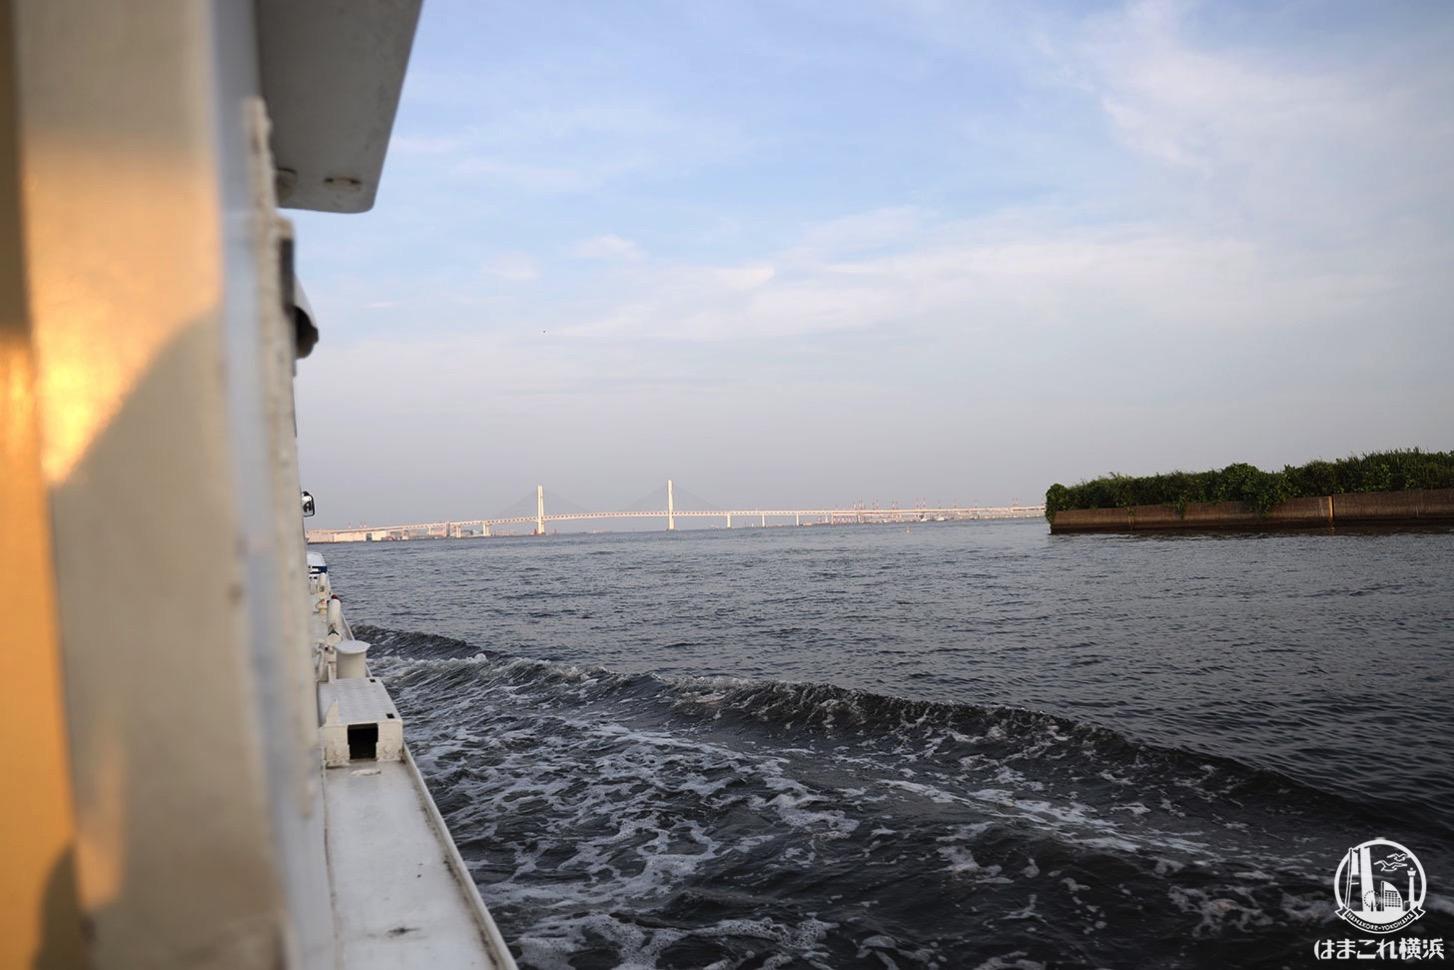 シーバス オープンデッキから見た横浜ベイブリッジ